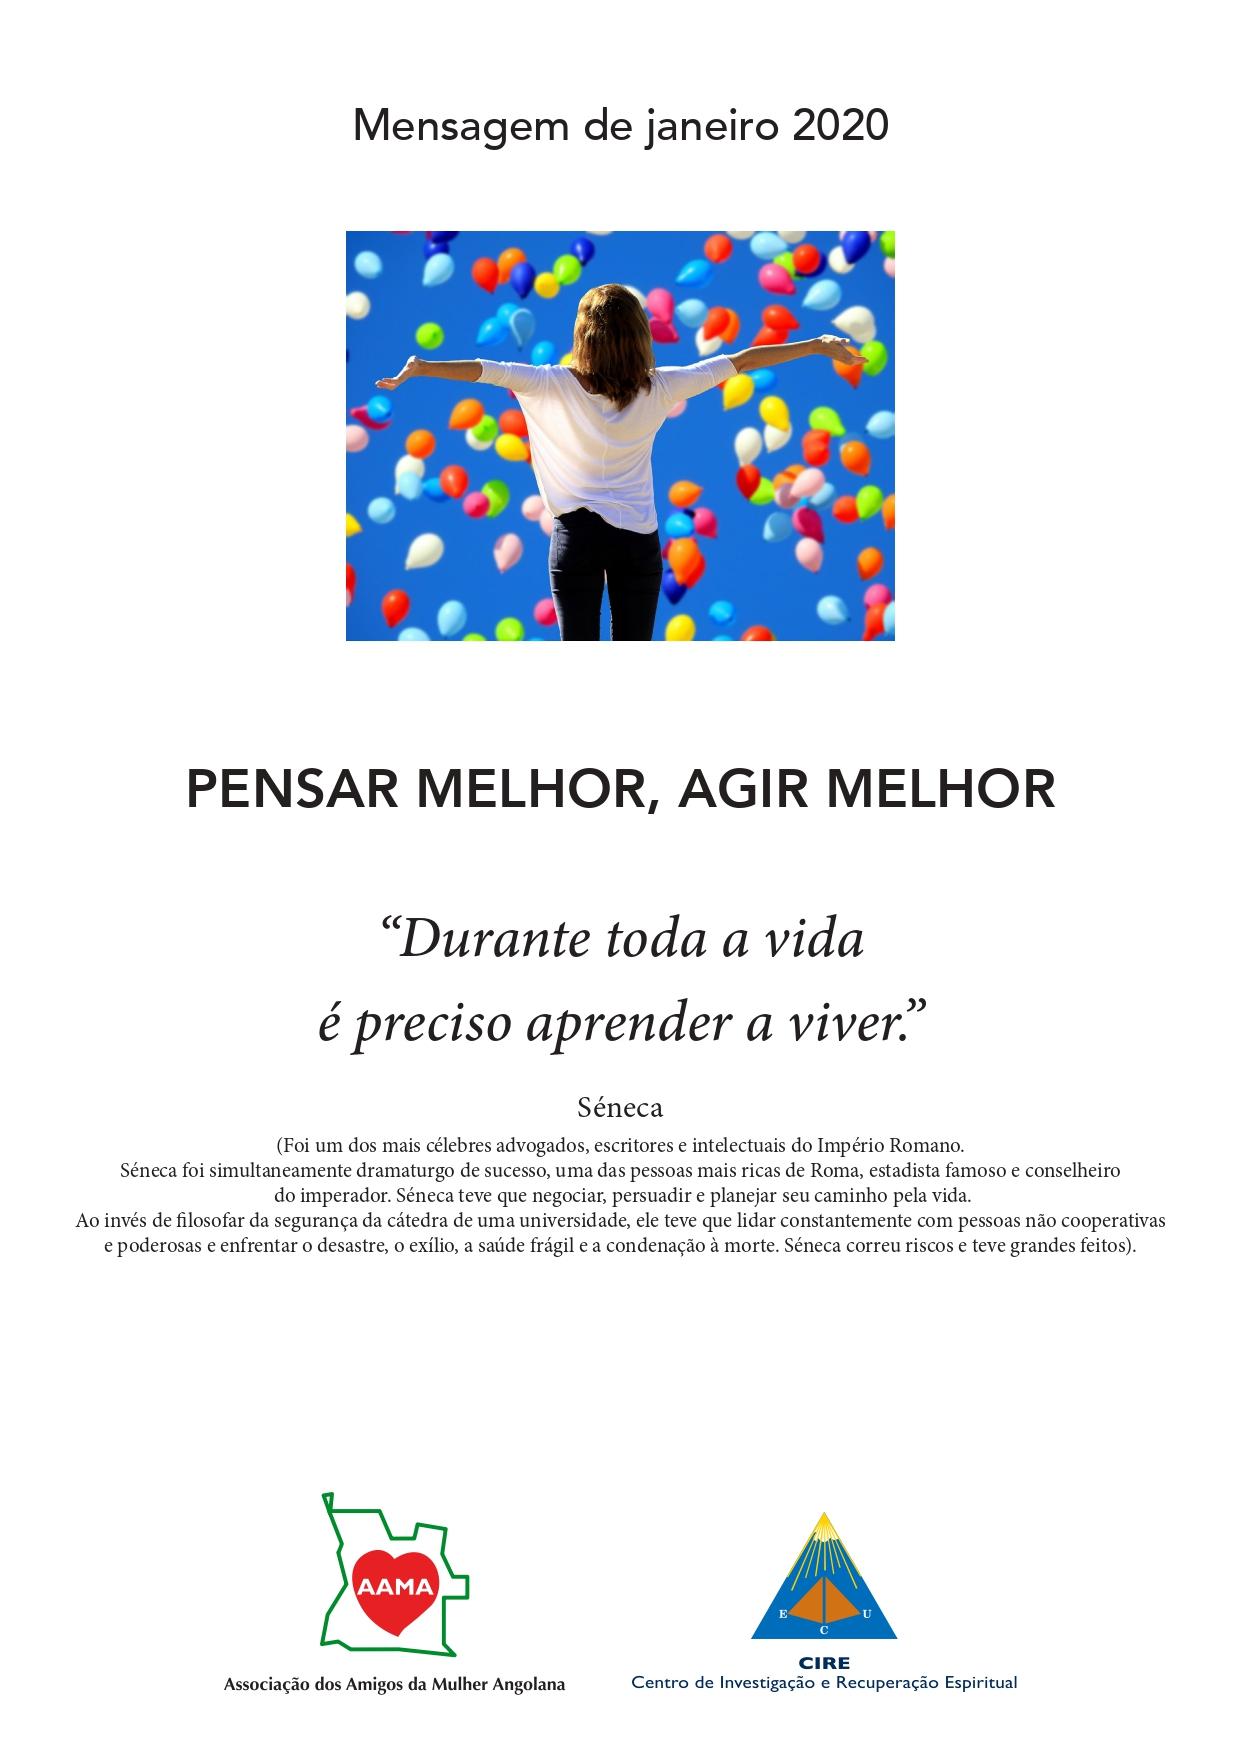 Mensagem de Janeiro